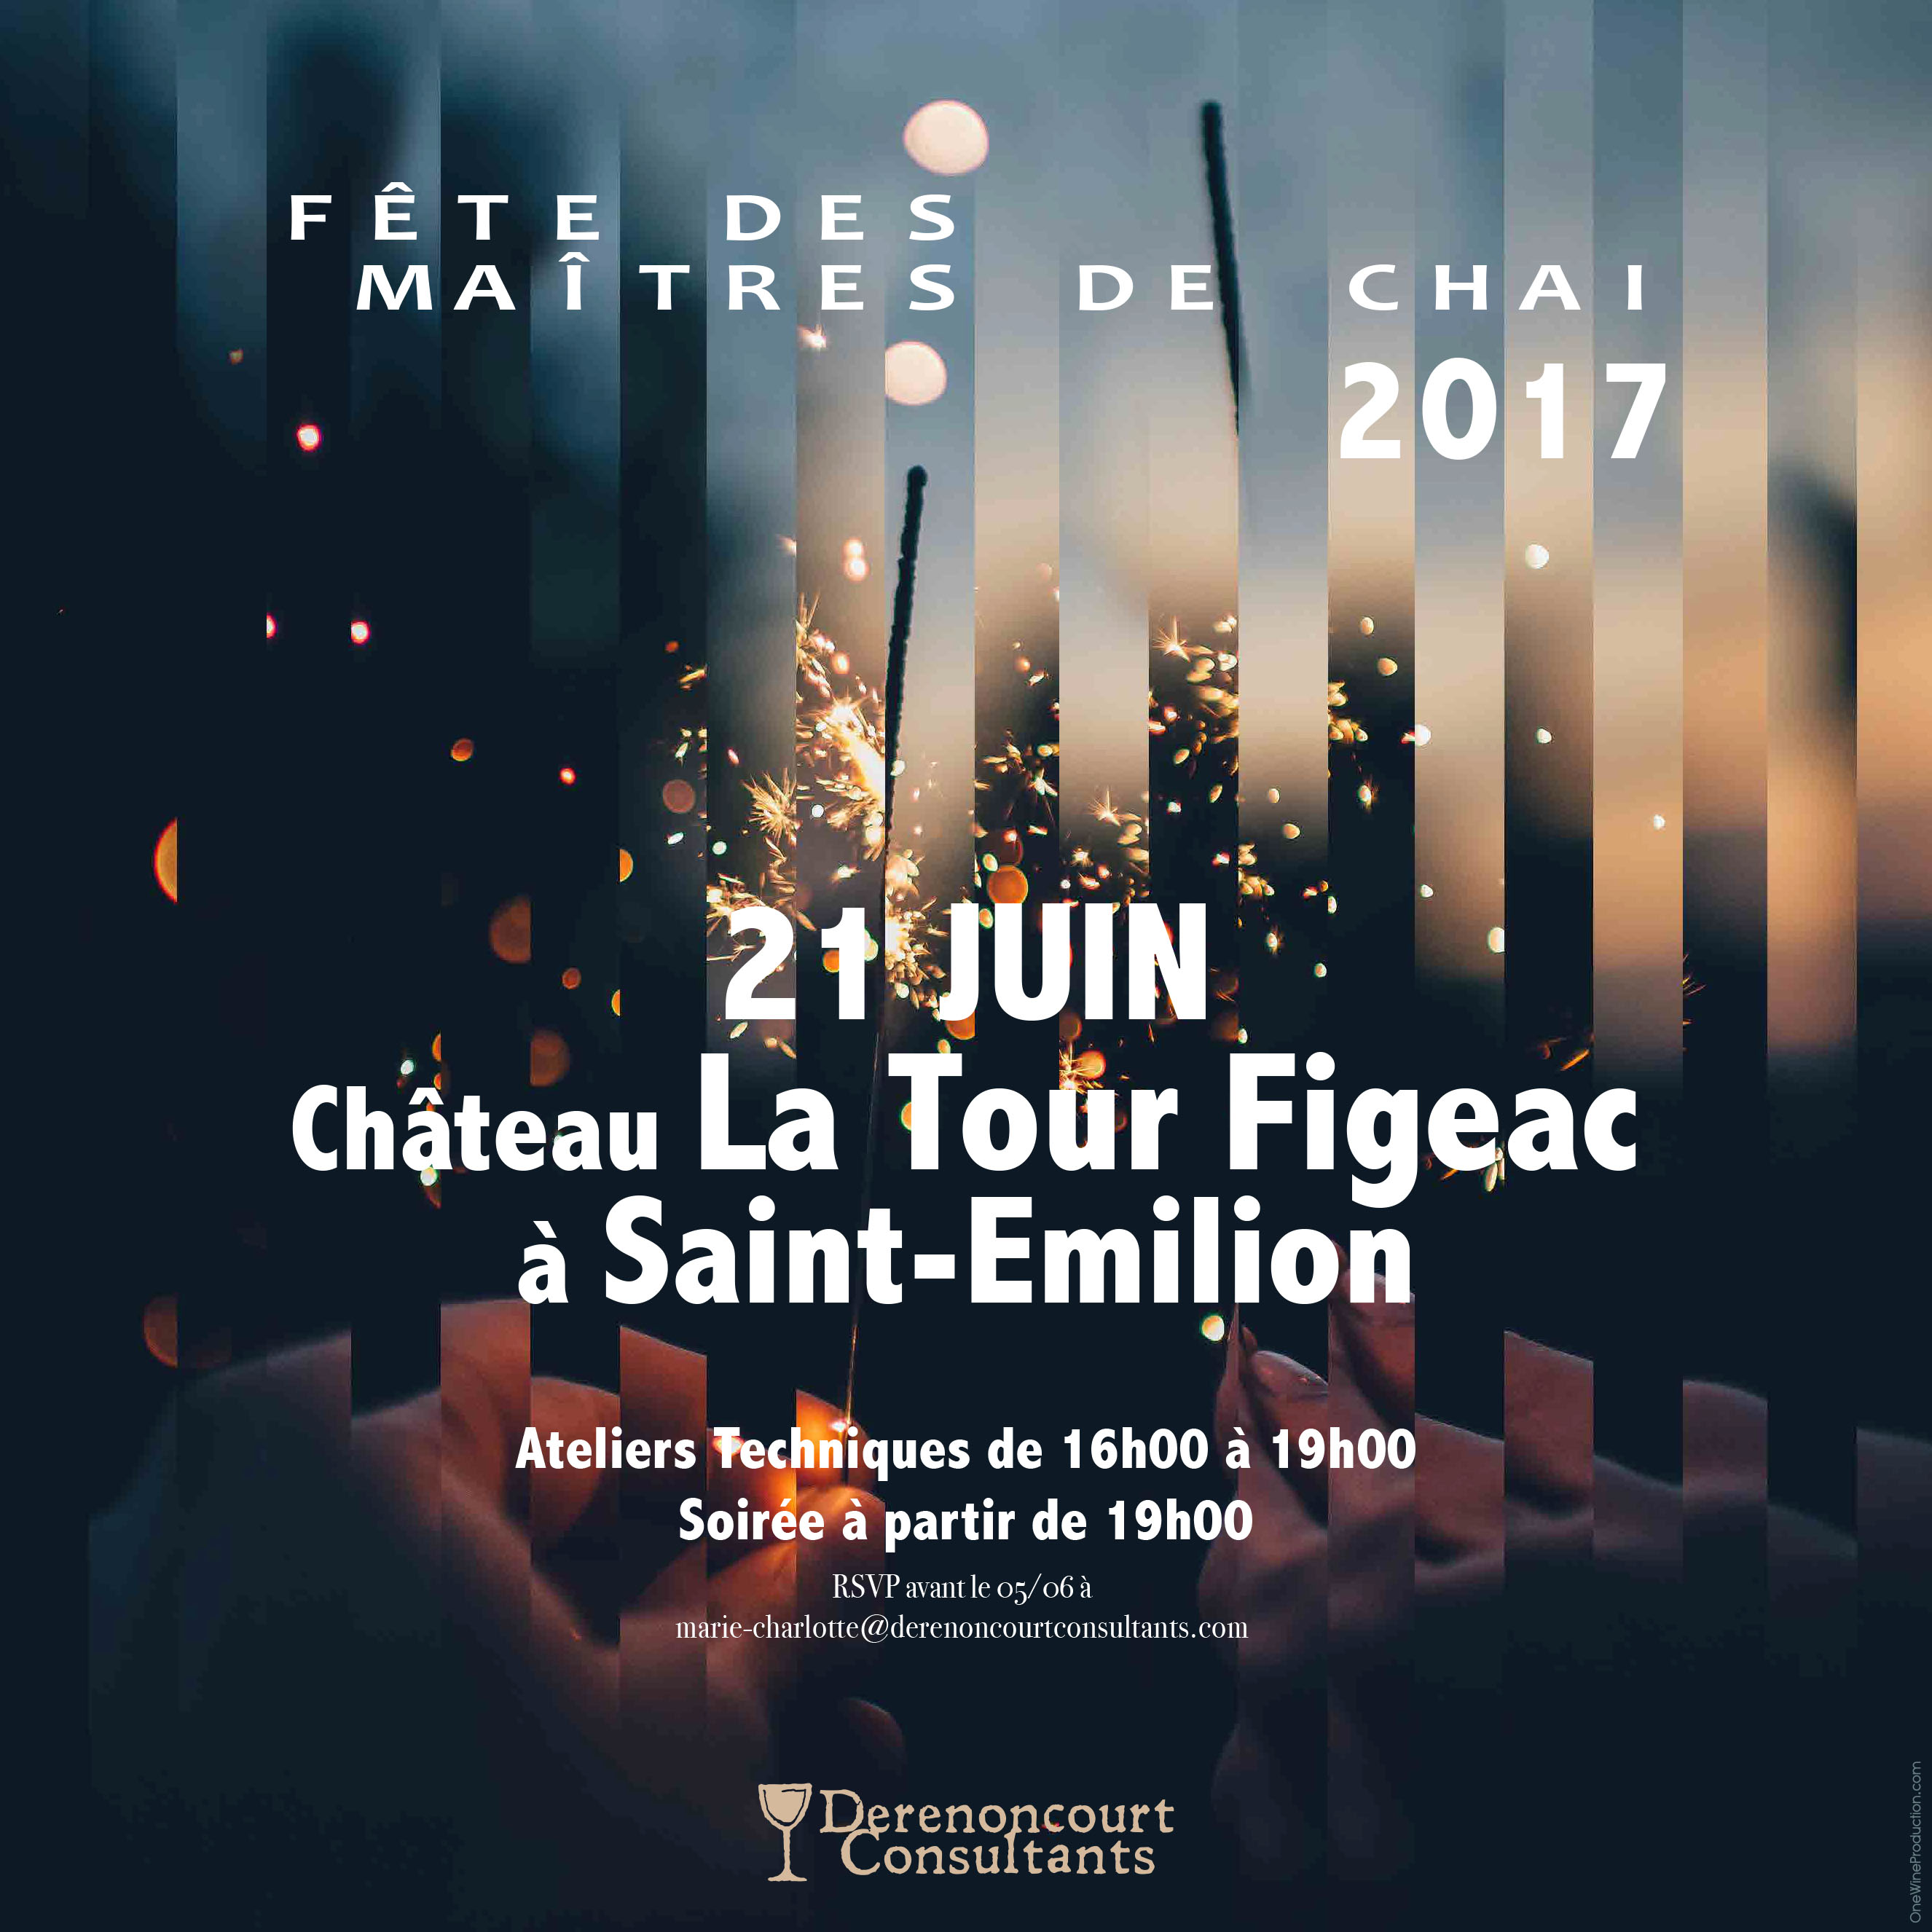 invitation soiree maitre de chai Derenoncourt Consultants